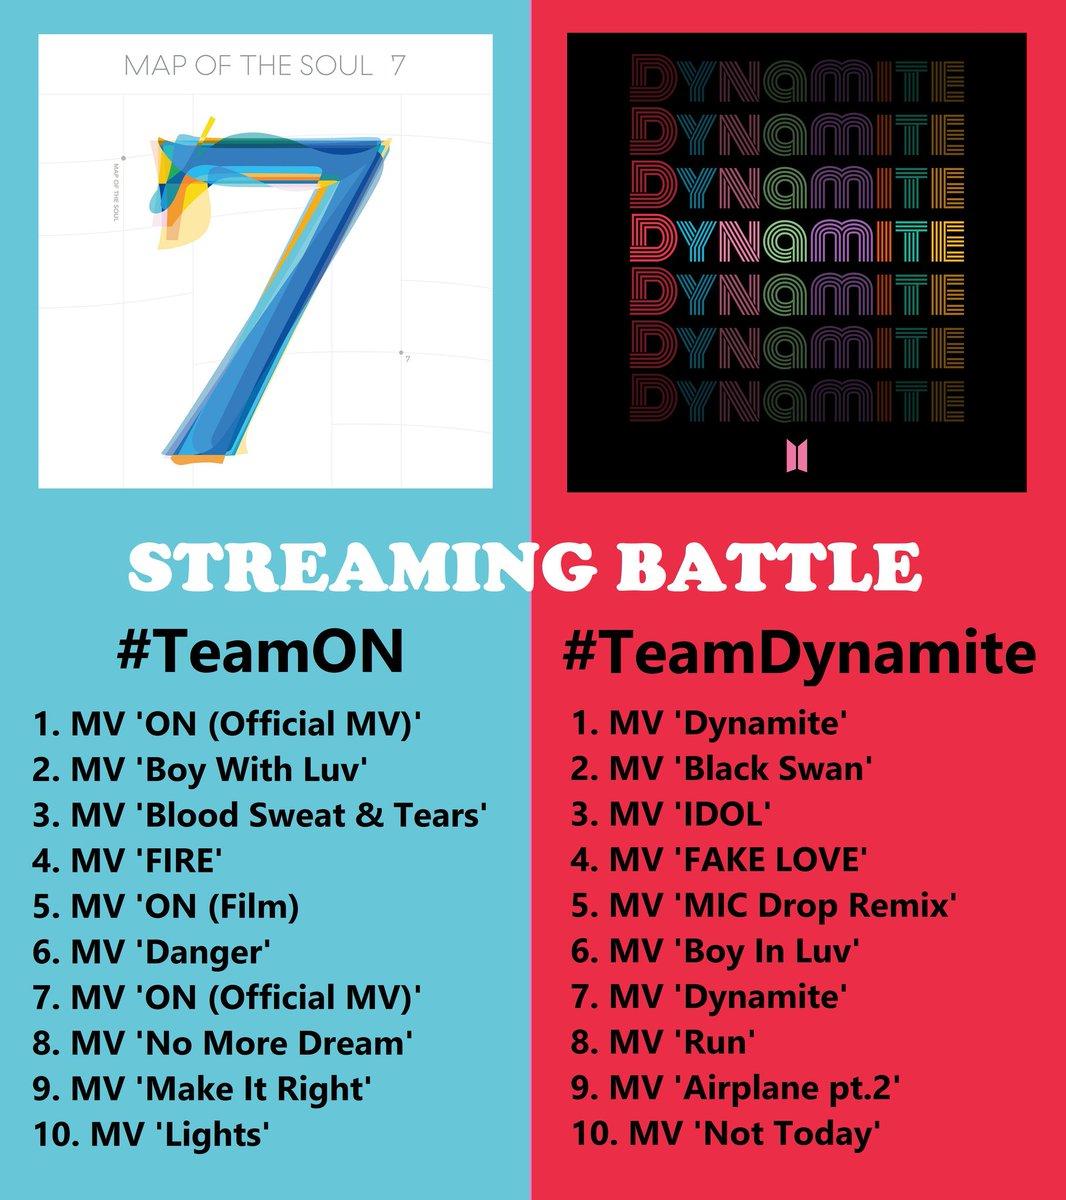 STREAMING BATTLE @BTS_twt Chọn 1 Team và cùng stream theo list dưới đây nào mọi người ơi !!